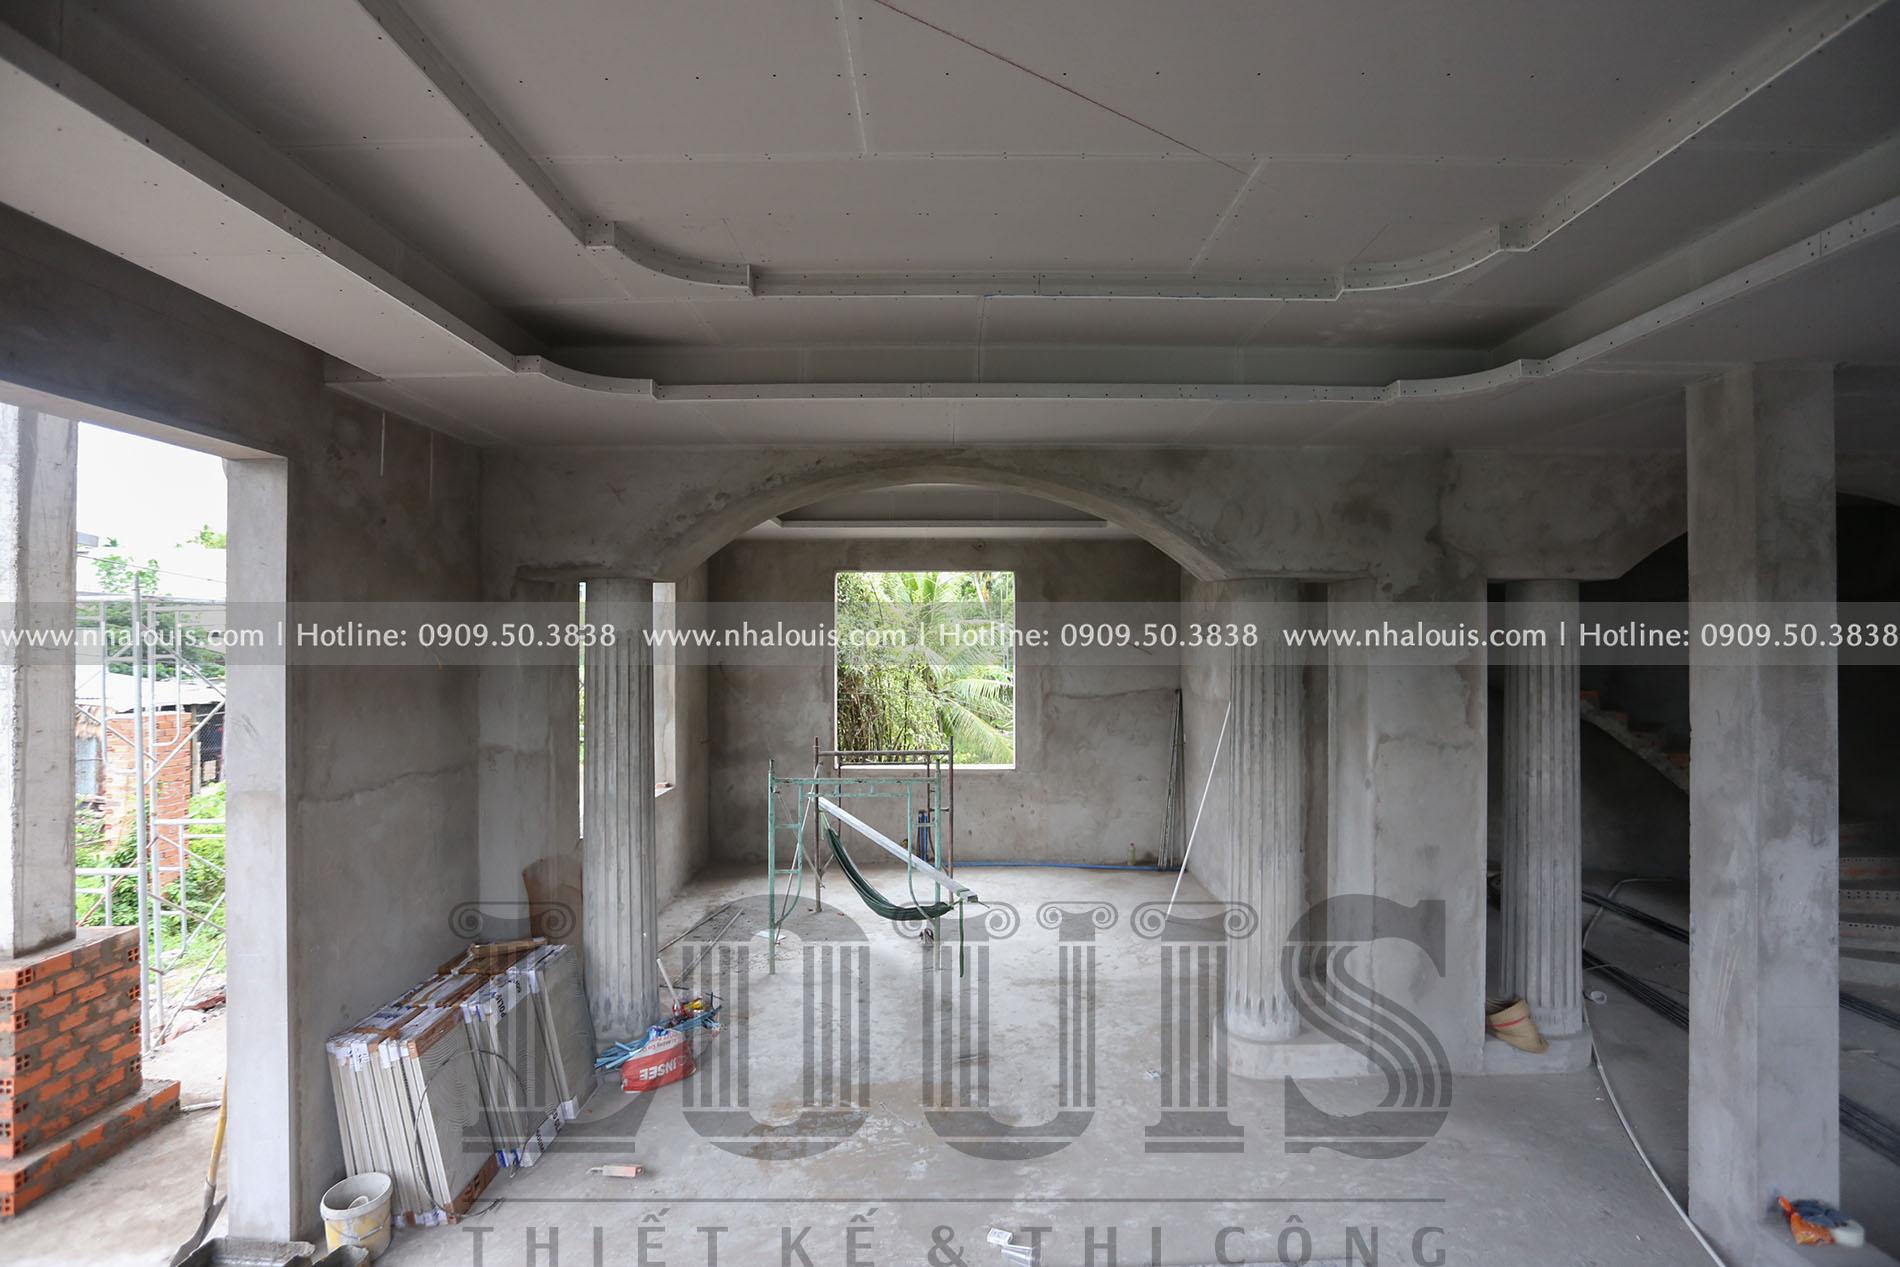 Thi công biệt thự 1 trệt 1 lầu tân cổ điển tại Tiền Giang